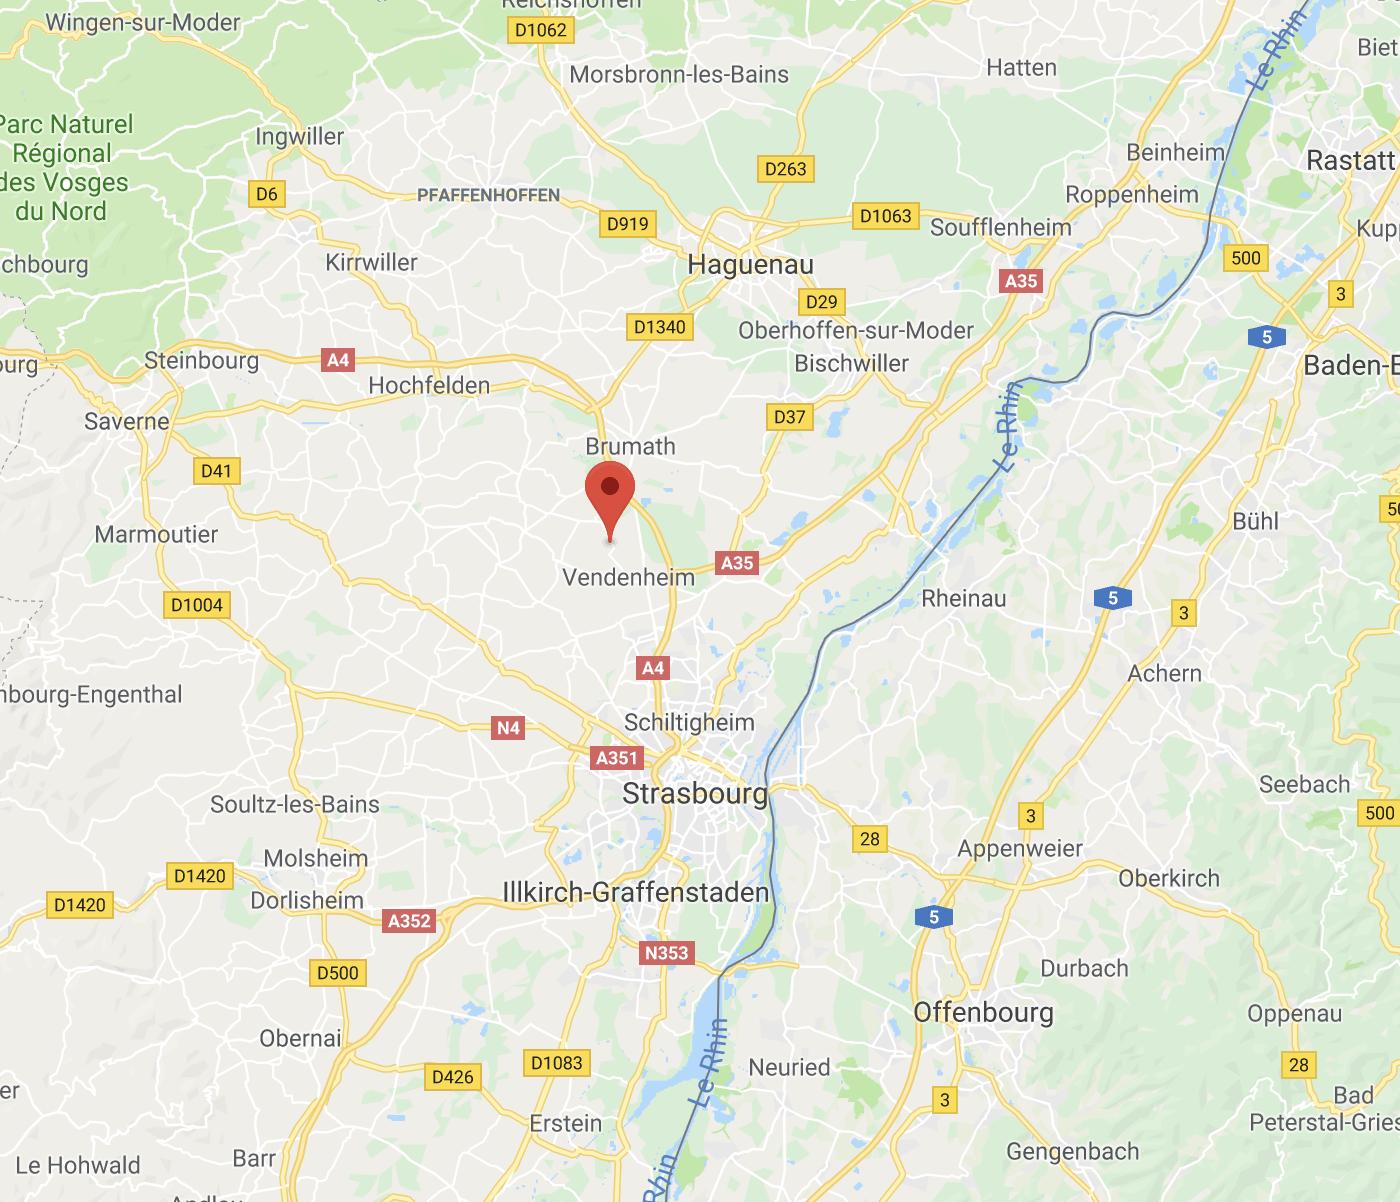 Eckwersheim